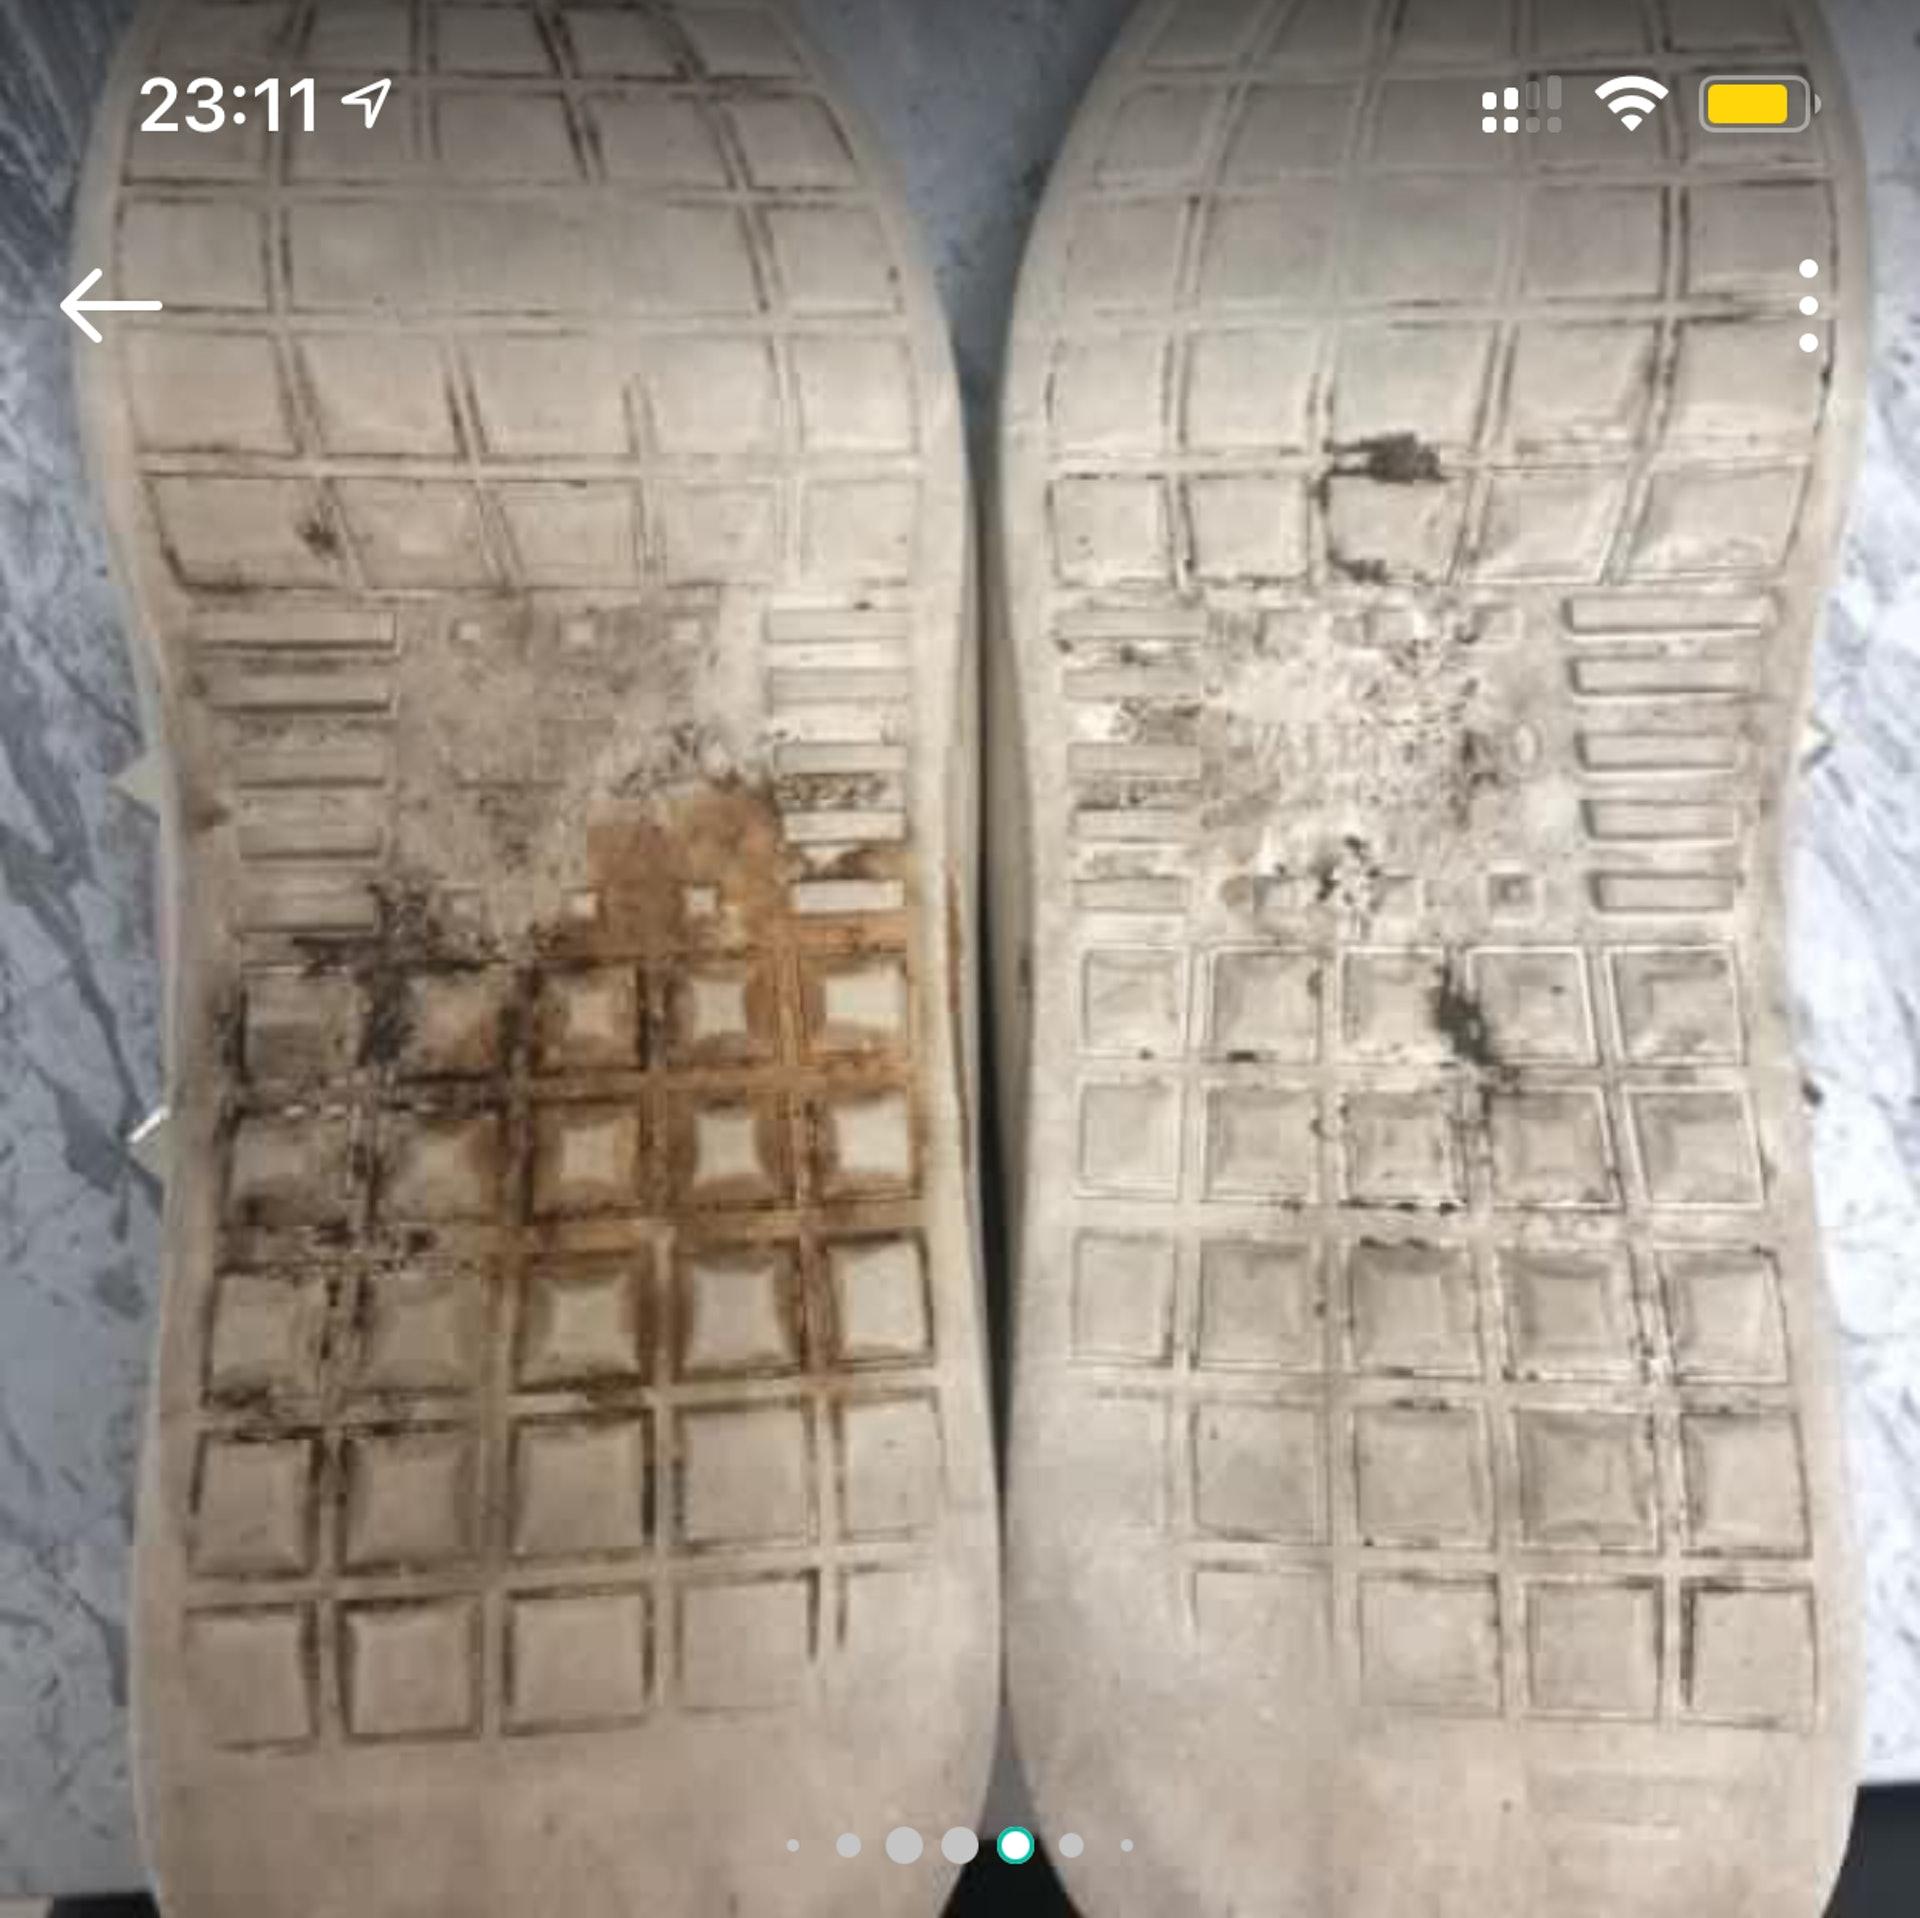 從產品圖可見,粉紅配白色的波鞋甚有年代感,鞋底邊泛黃,底部有明顯污及磨蝕,連品牌名都看不清。(連登討論區)